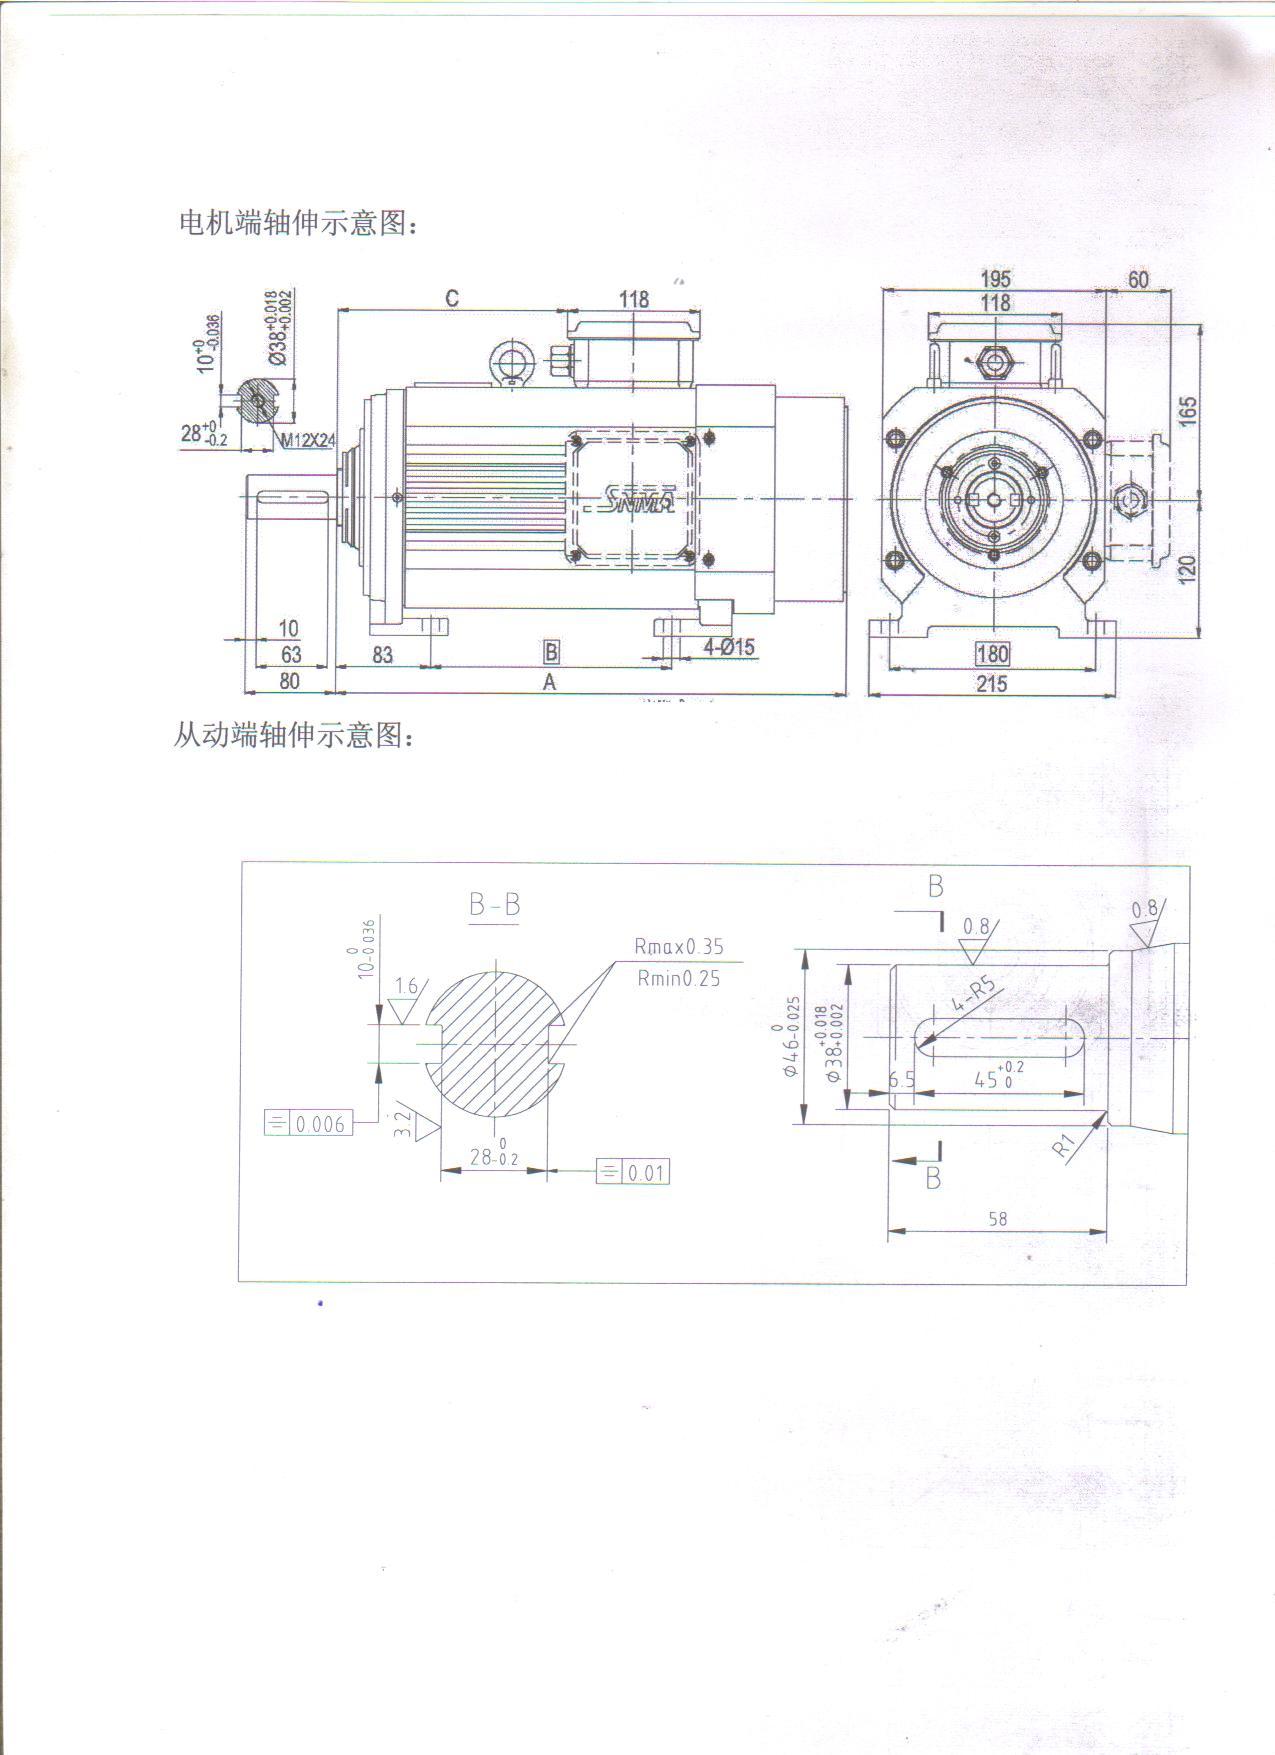 平键套筒联轴器_com 联轴器类型:djm04 轴的位置:水平 许用转速:12000rpm 驱动机类型